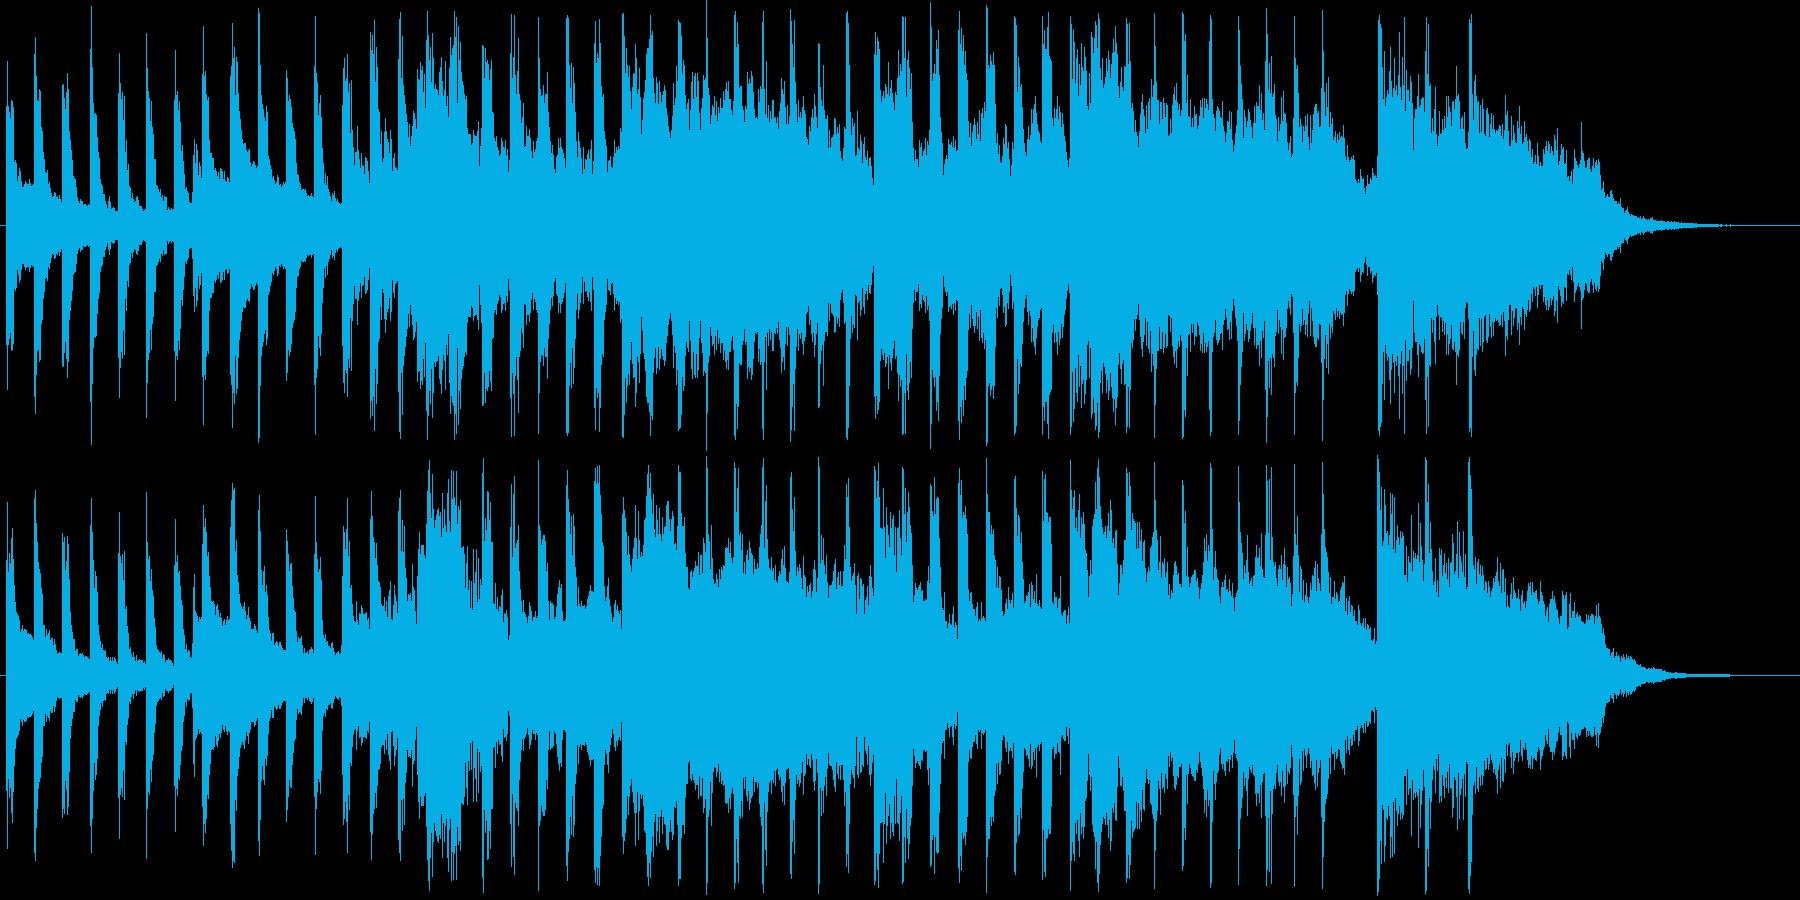 ウキウキするようなショートソングの再生済みの波形